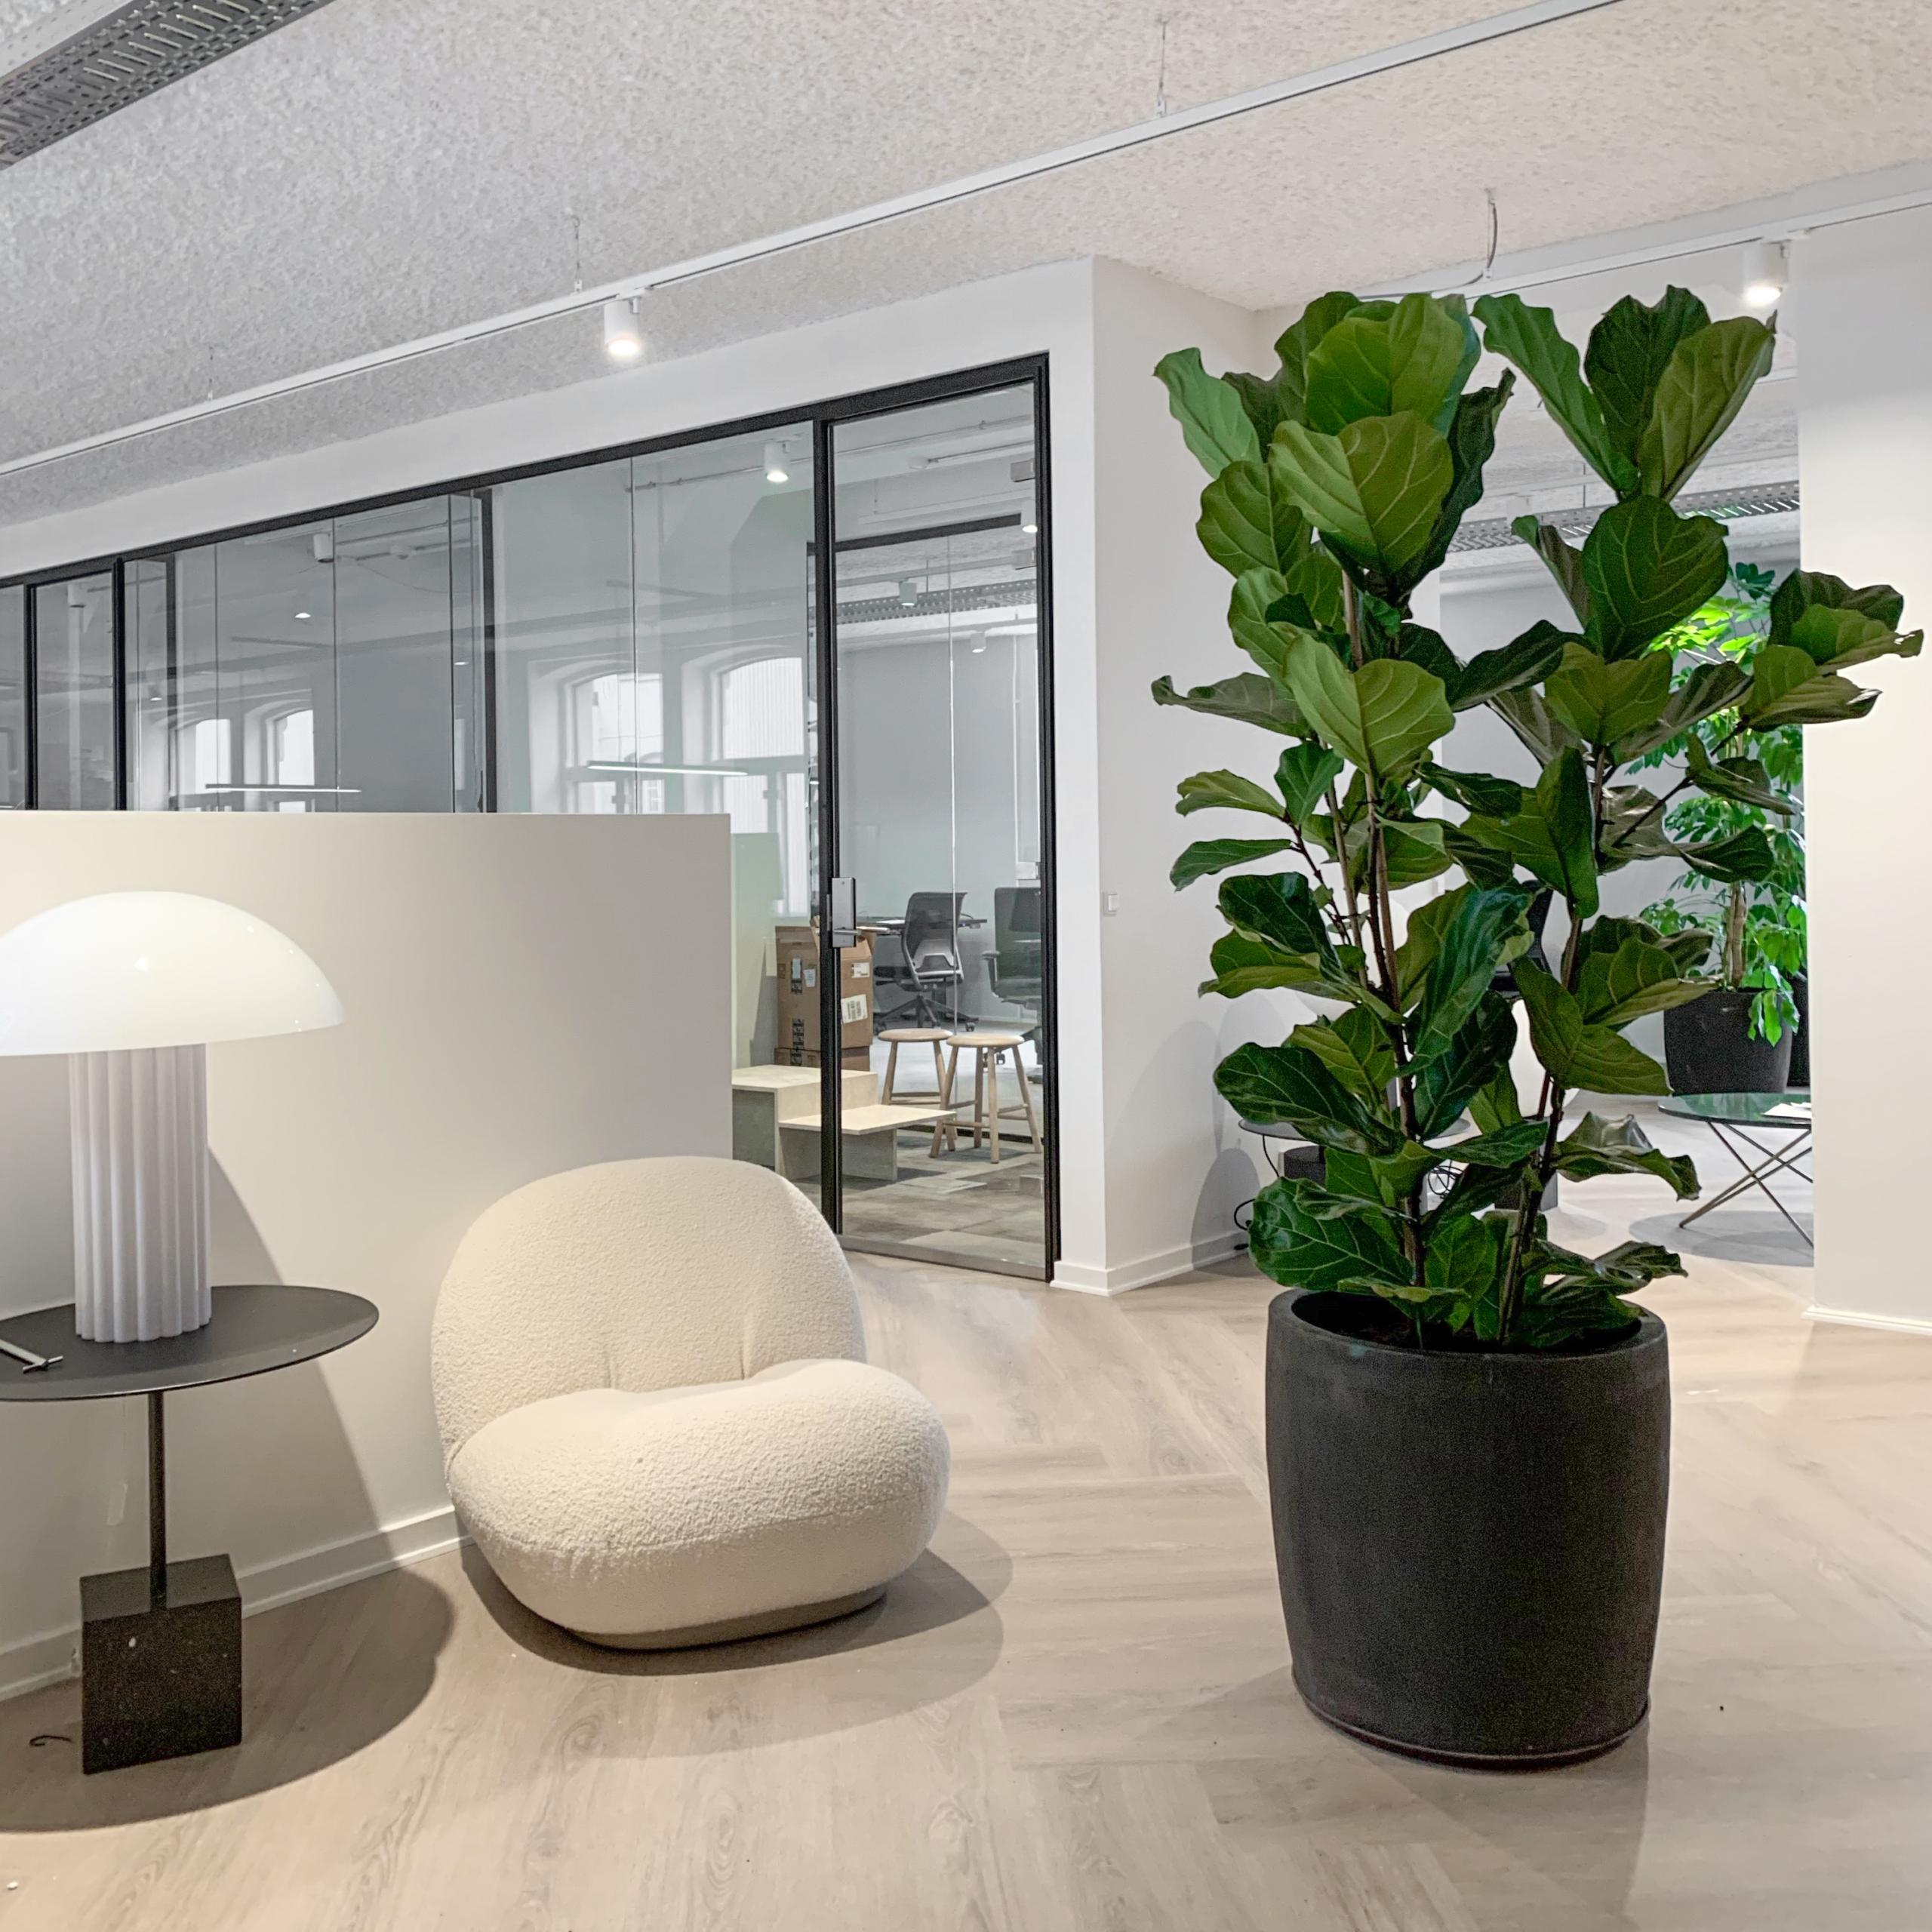 Dept Agency - Kontorbeplantning - Planteservice - Virksomheder - Cases